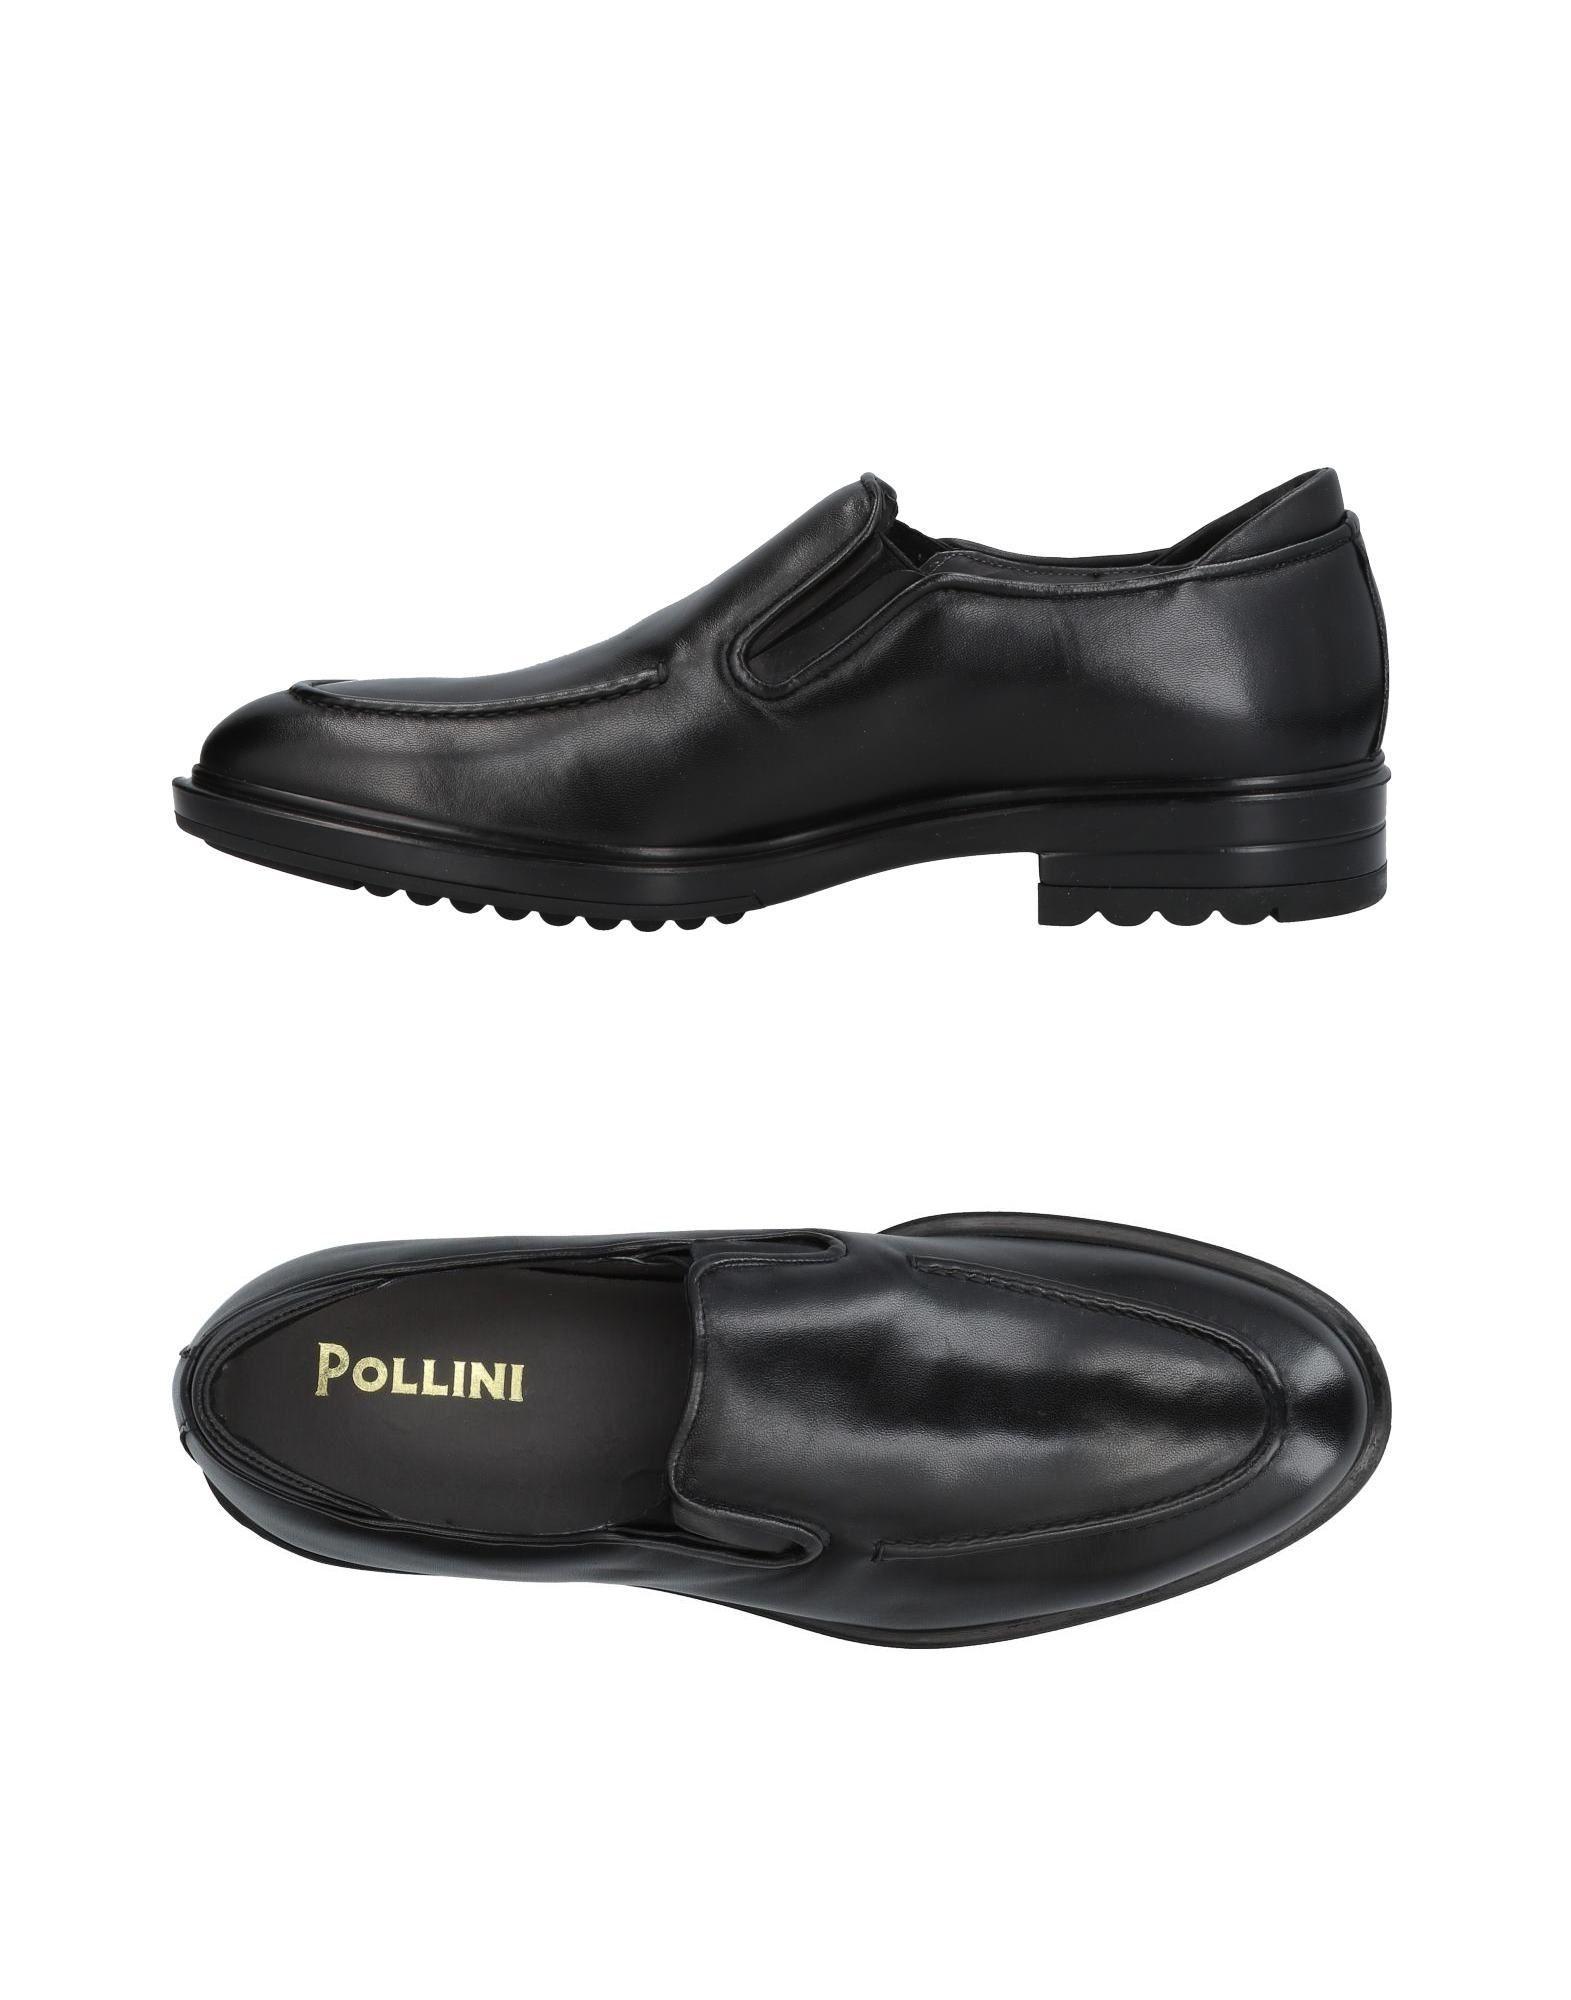 Pollini Mokassins Herren  11447641QR Gute Qualität beliebte Schuhe